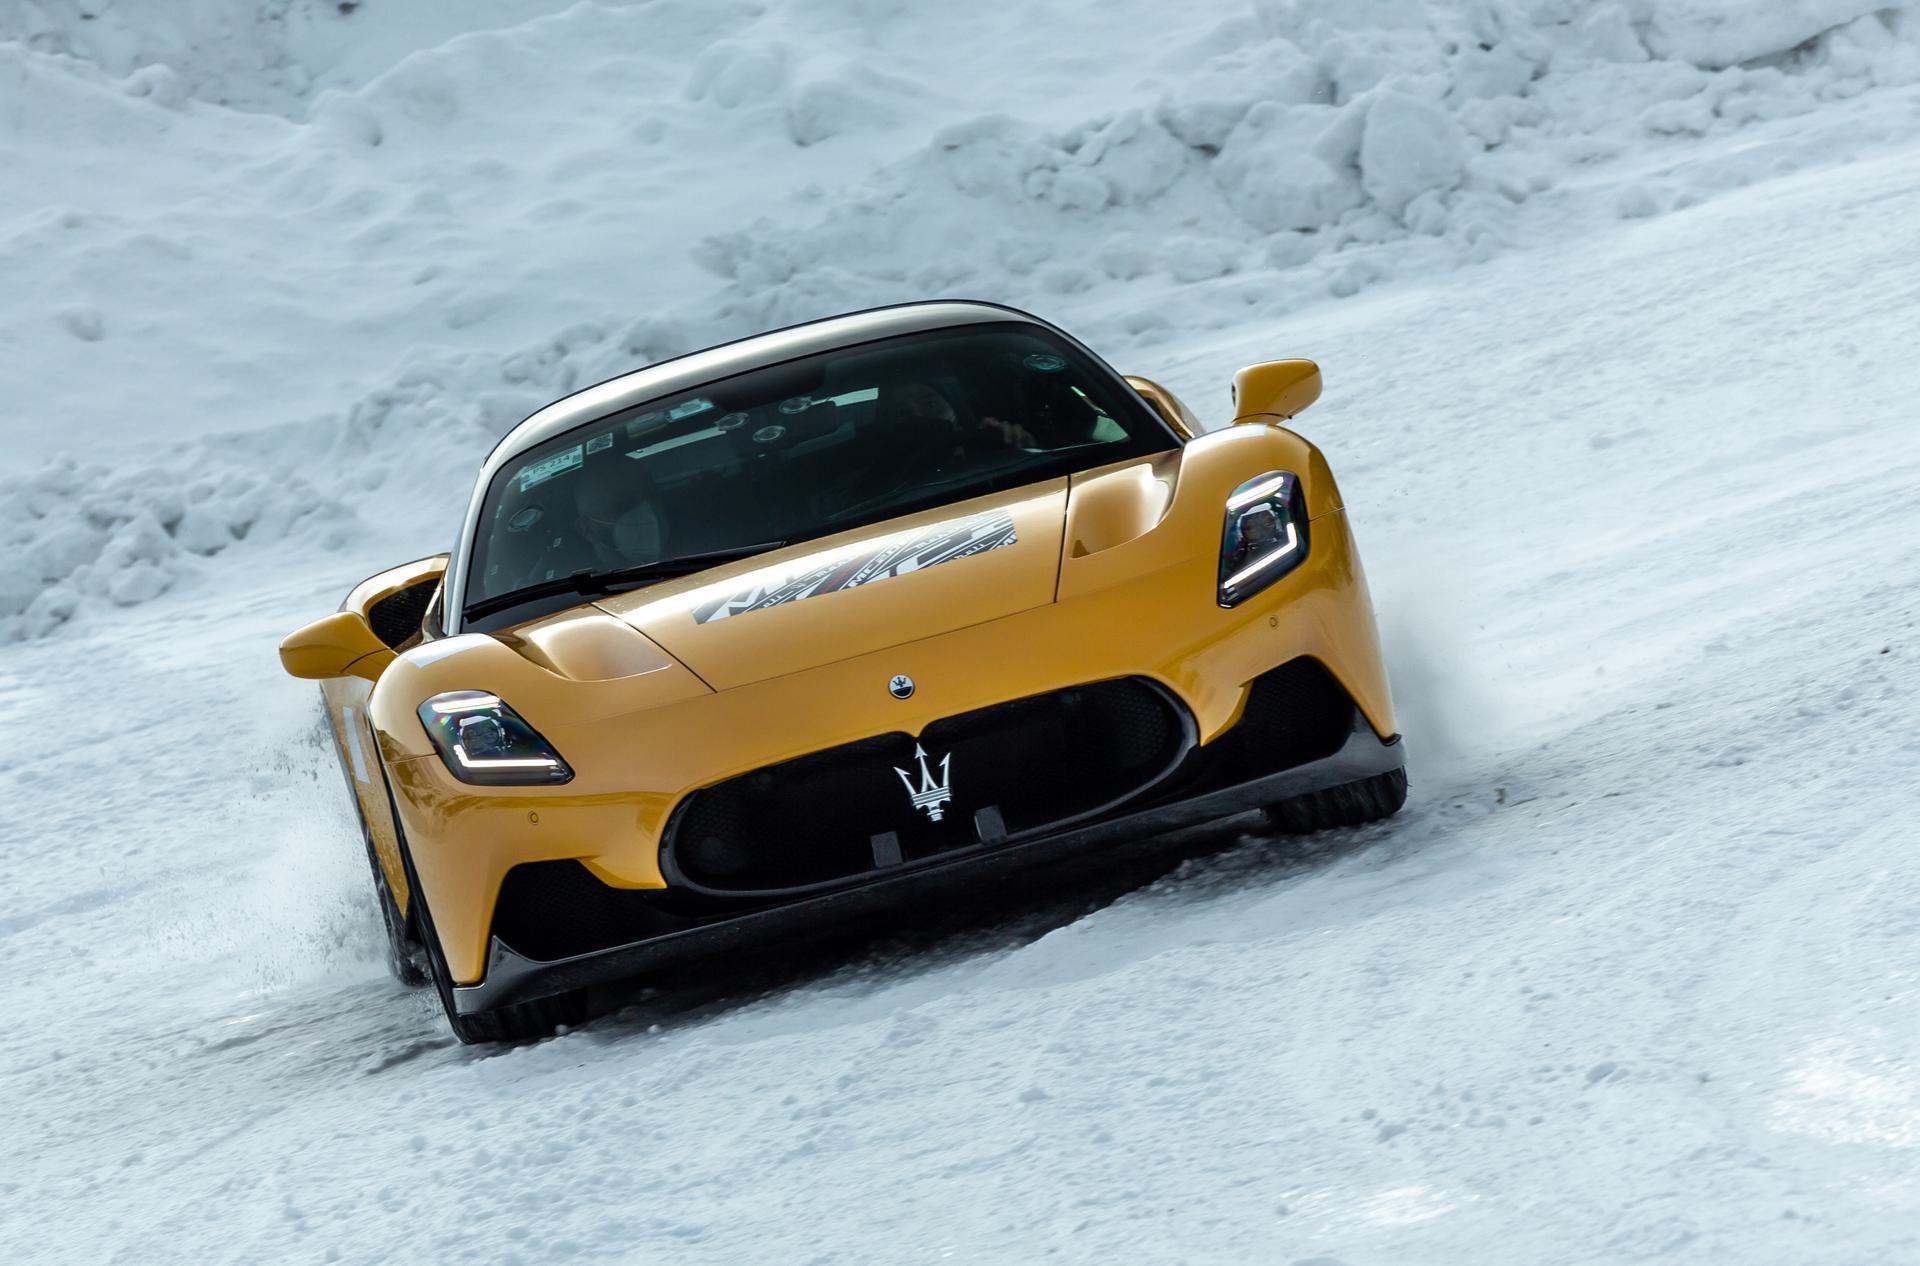 De kracht van de MC20 op sneeuw